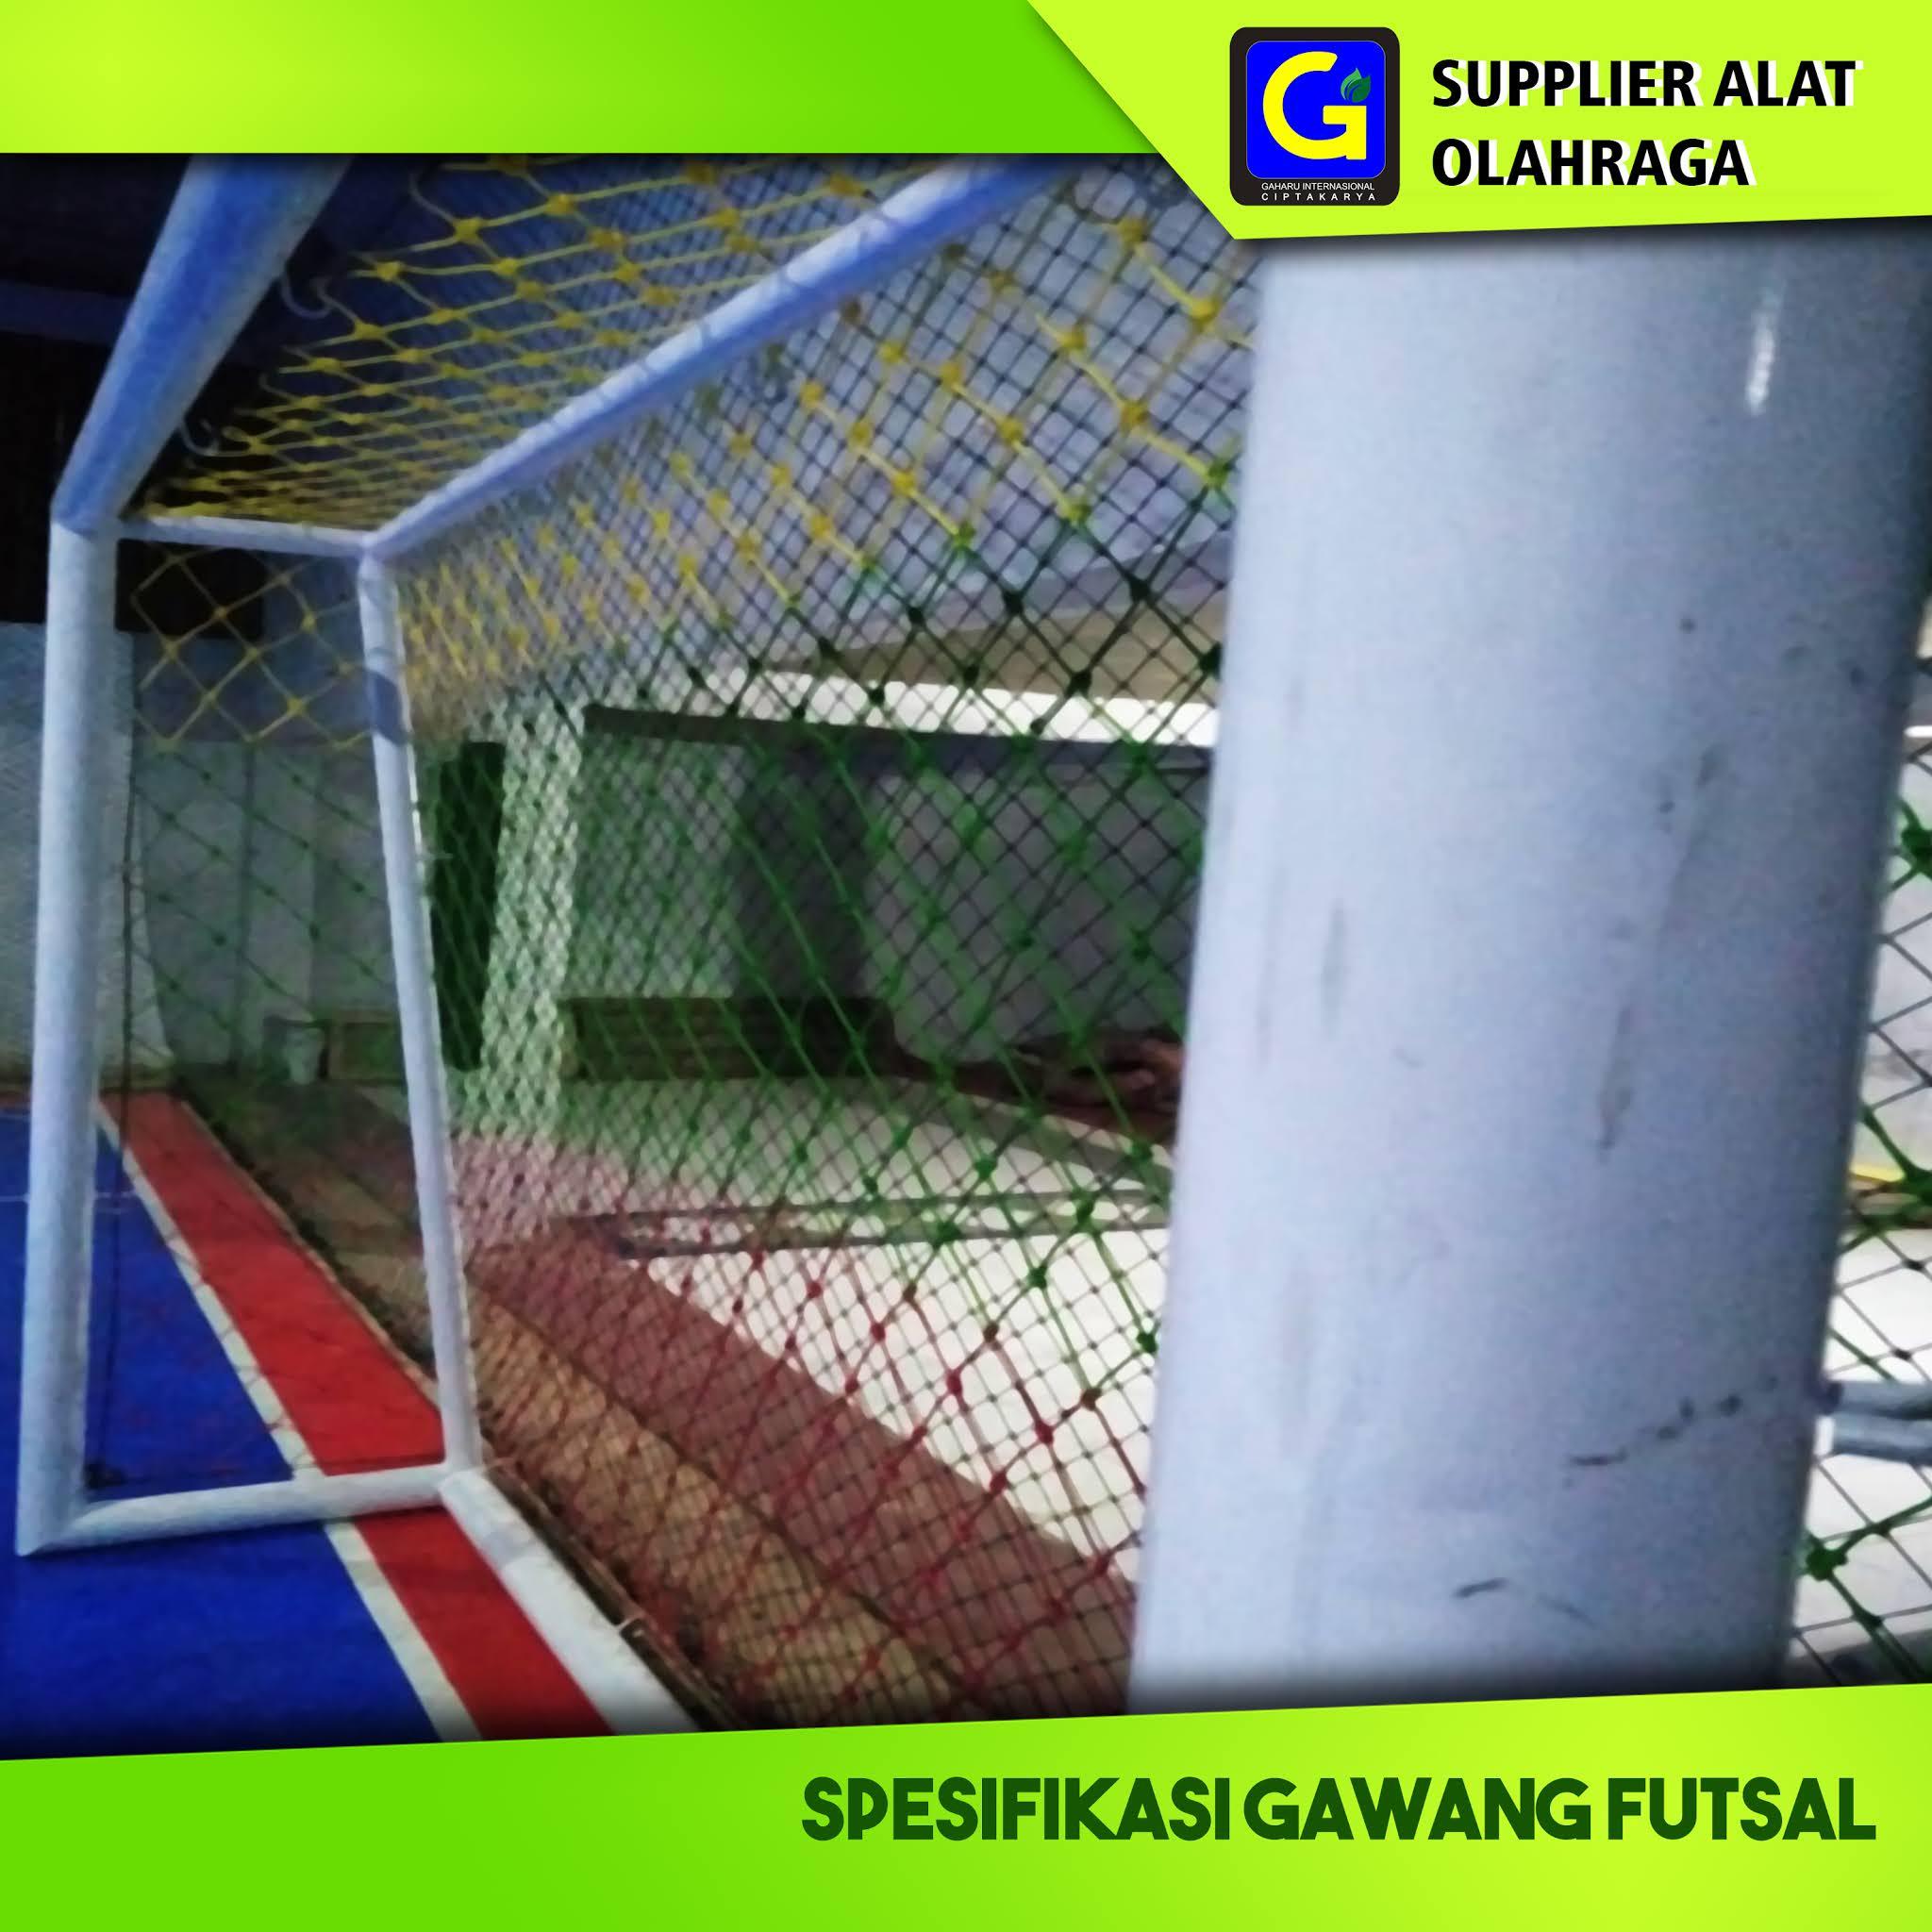 Spesifikasi Gawang Futsal